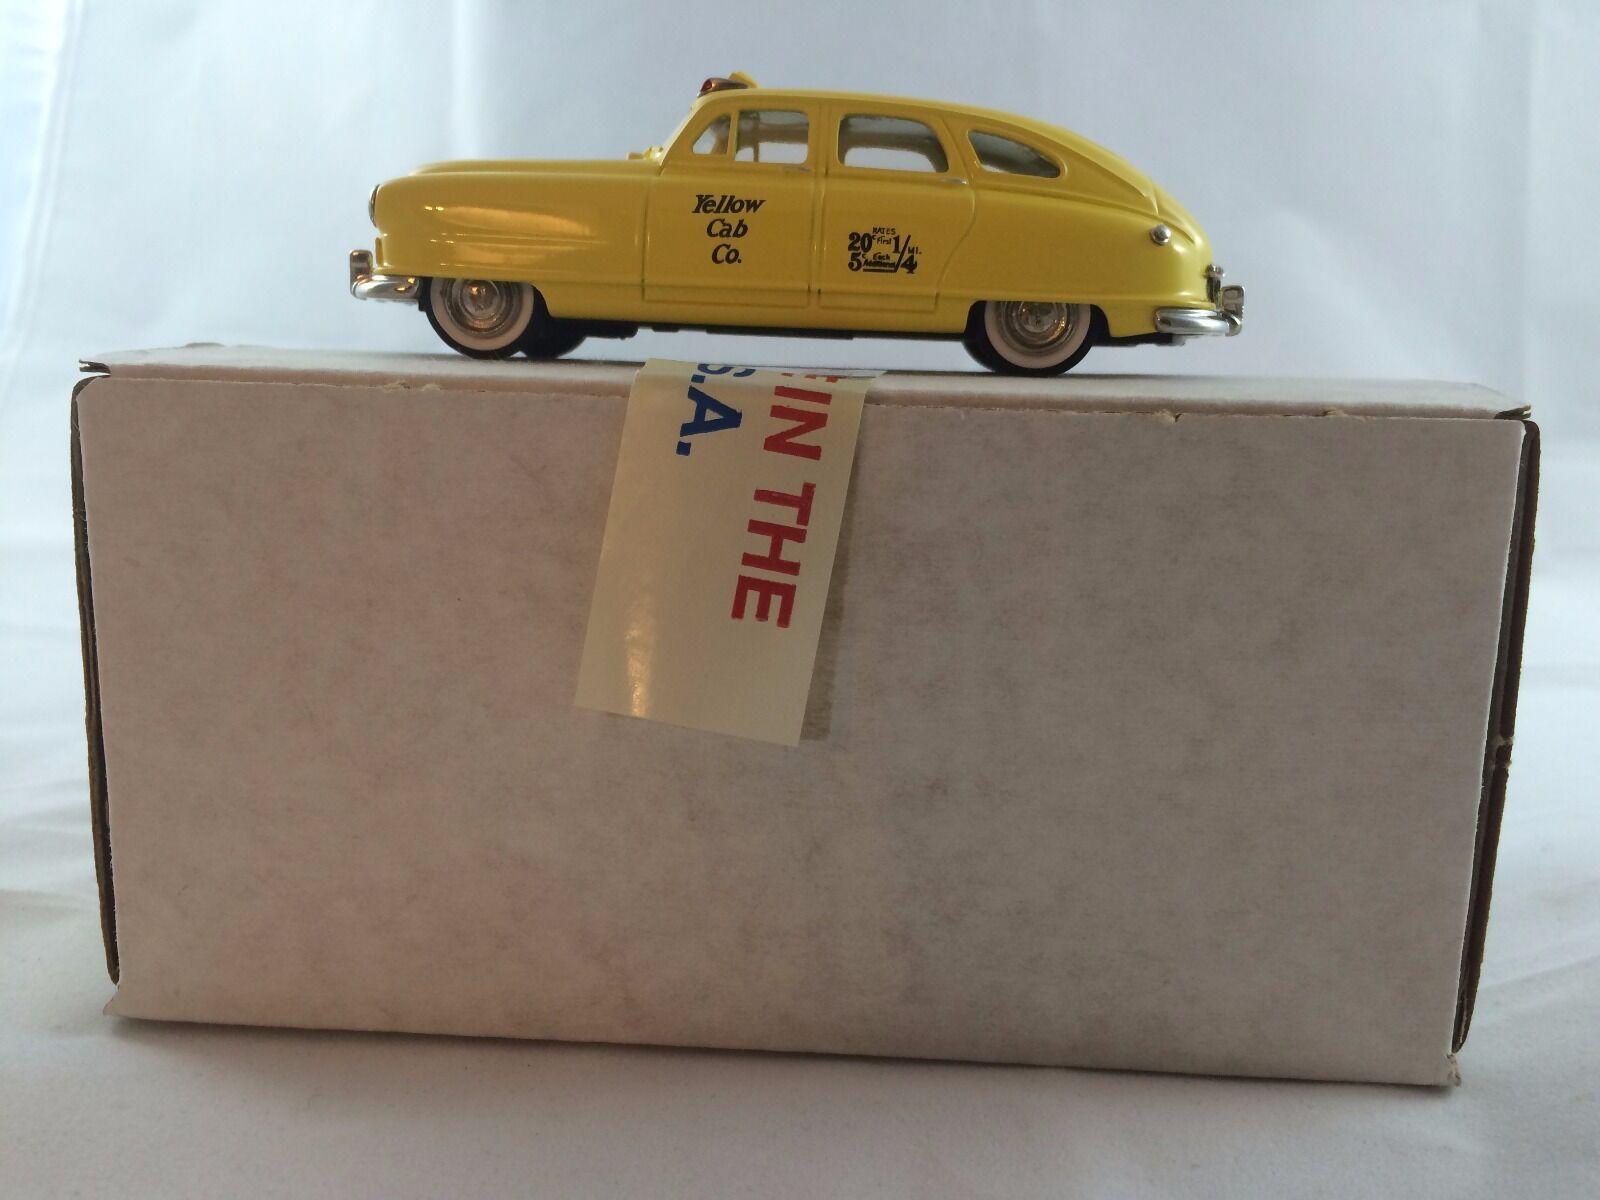 U.S.A. MODELS USA-3T 1949 Nash Yellow Taxi Cab